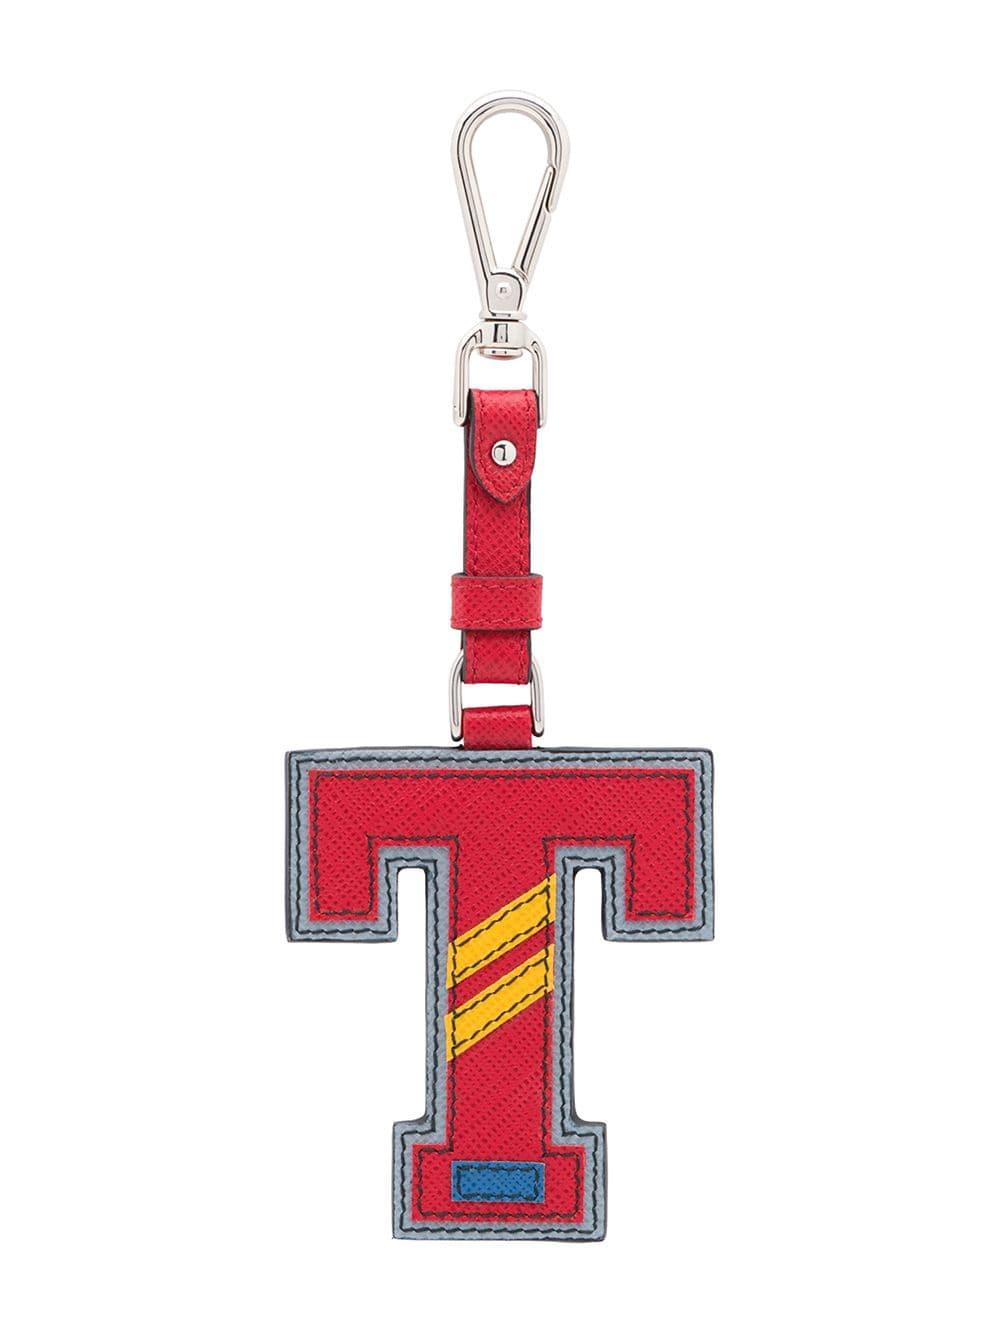 Prada Klassischer Schlüsselanhänger - Rot